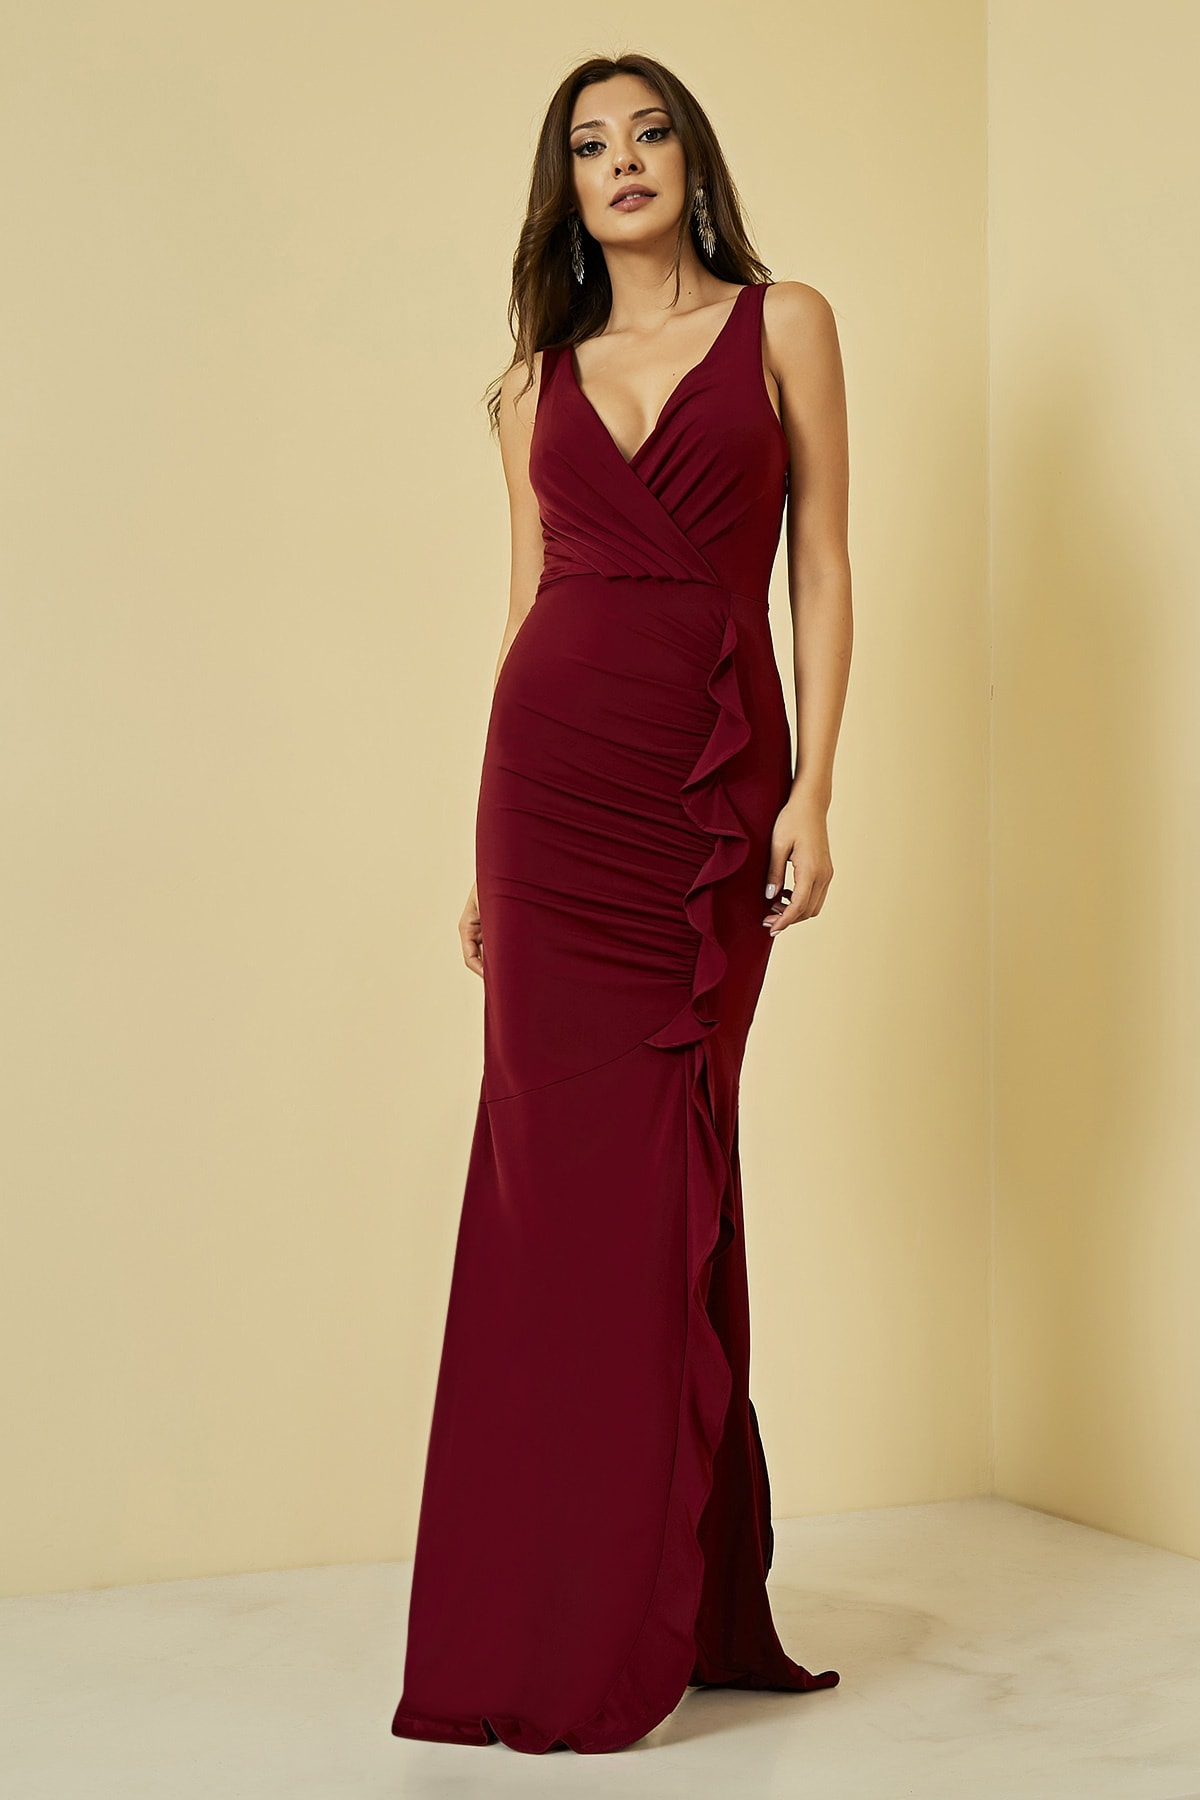 Sateen Kadın Bordo Fırfırlı Yırtmaçlı Uzun Abiye Elbise  STN107KEL120 2